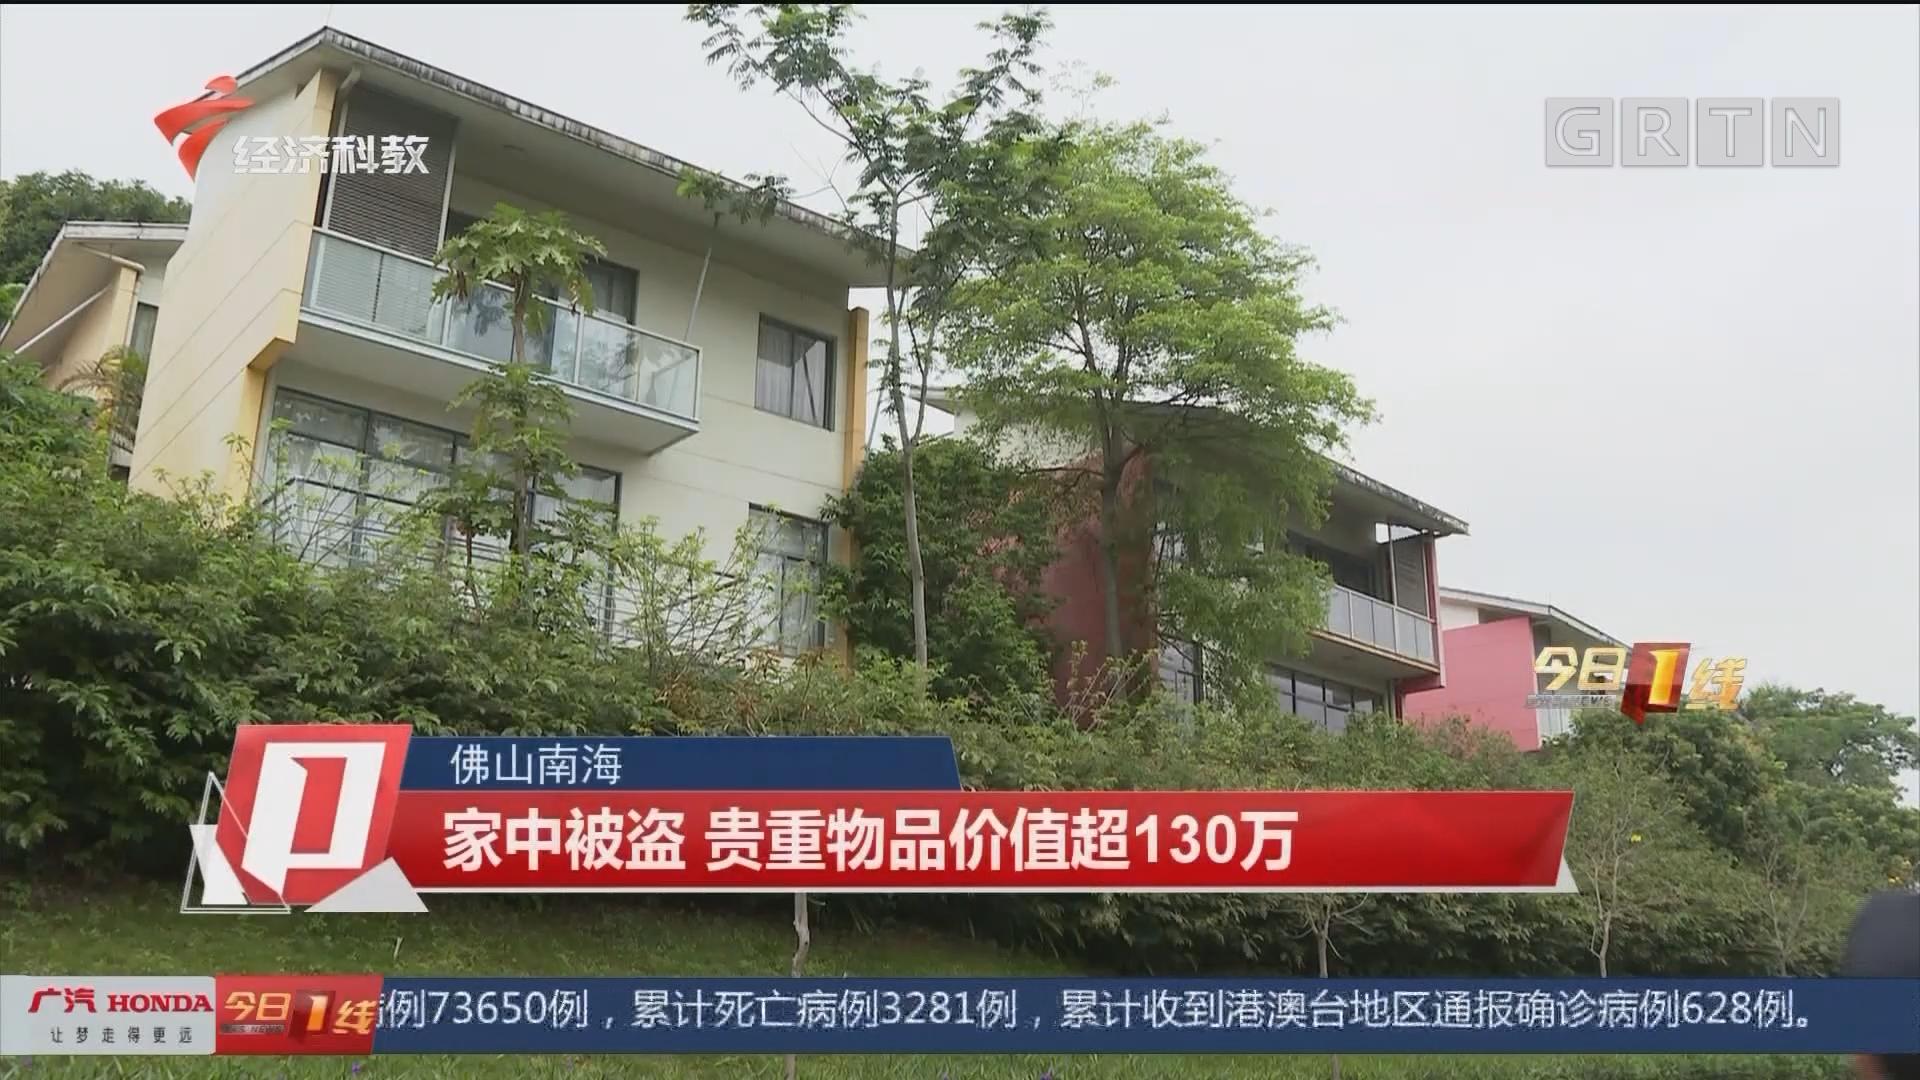 佛山南海:家中被盗 贵重物品价值超130万